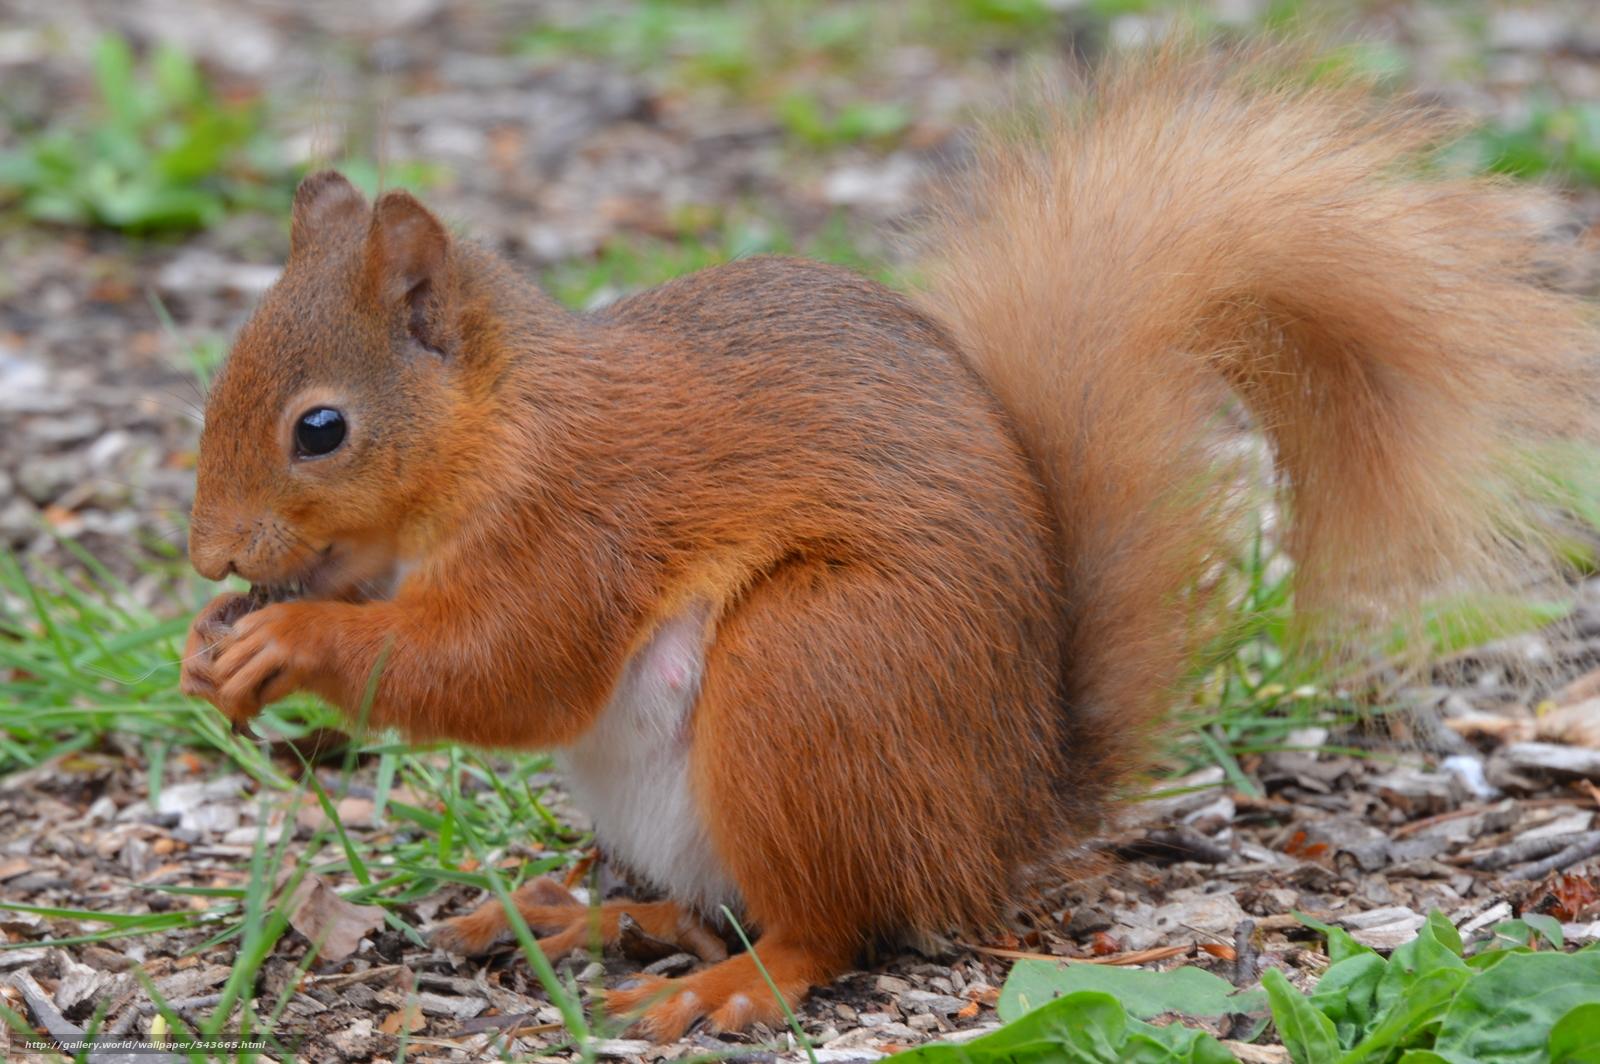 Tlcharger Fond d'ecran écureuil, écureuil roux, Whinfell forêt ...